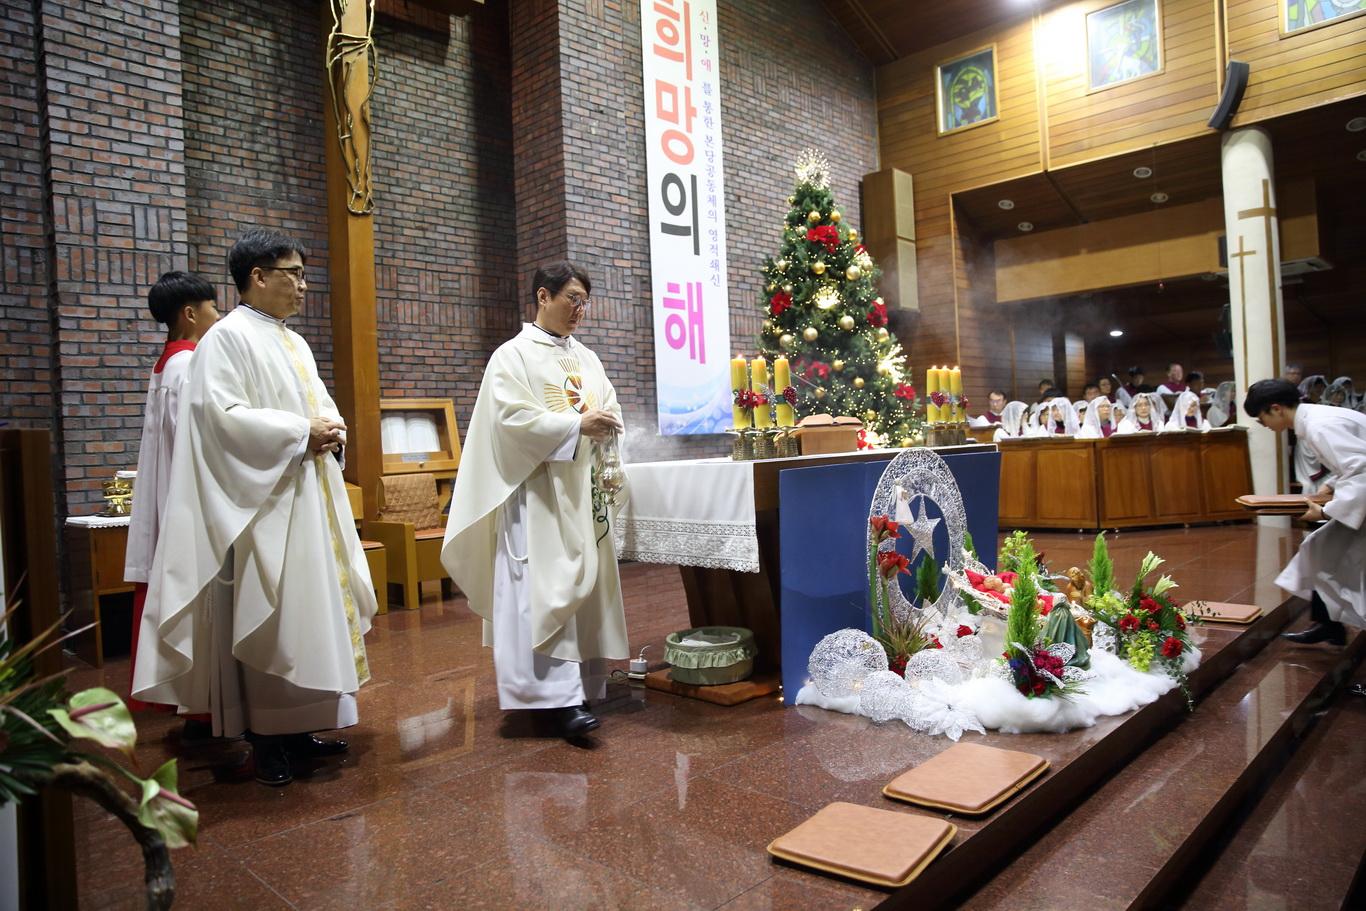 2019-12-24 성탄 성야 (107)_크기변경.JPG